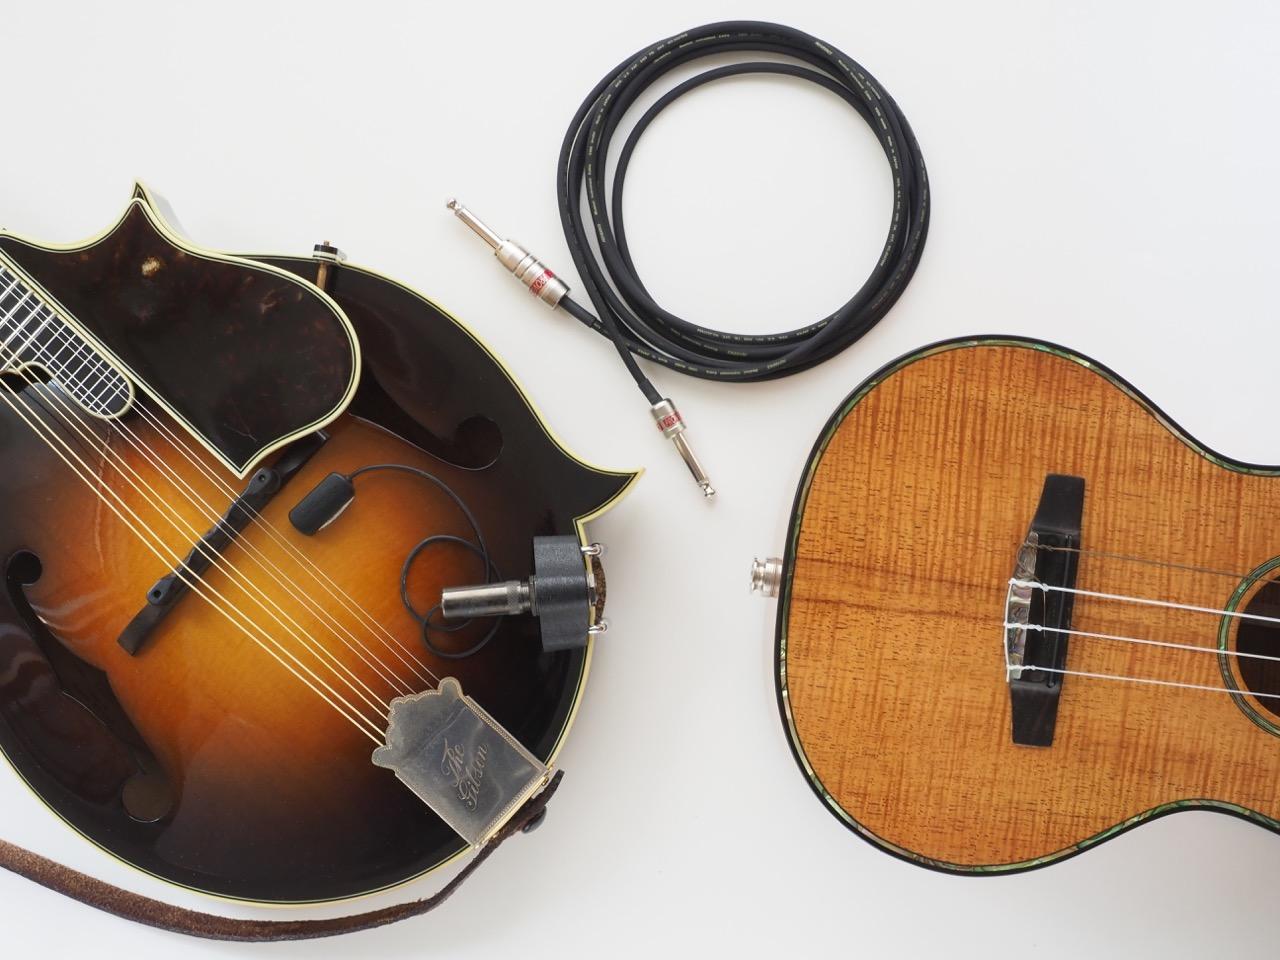 小さな弦楽器のための最小最軽量ケーブル